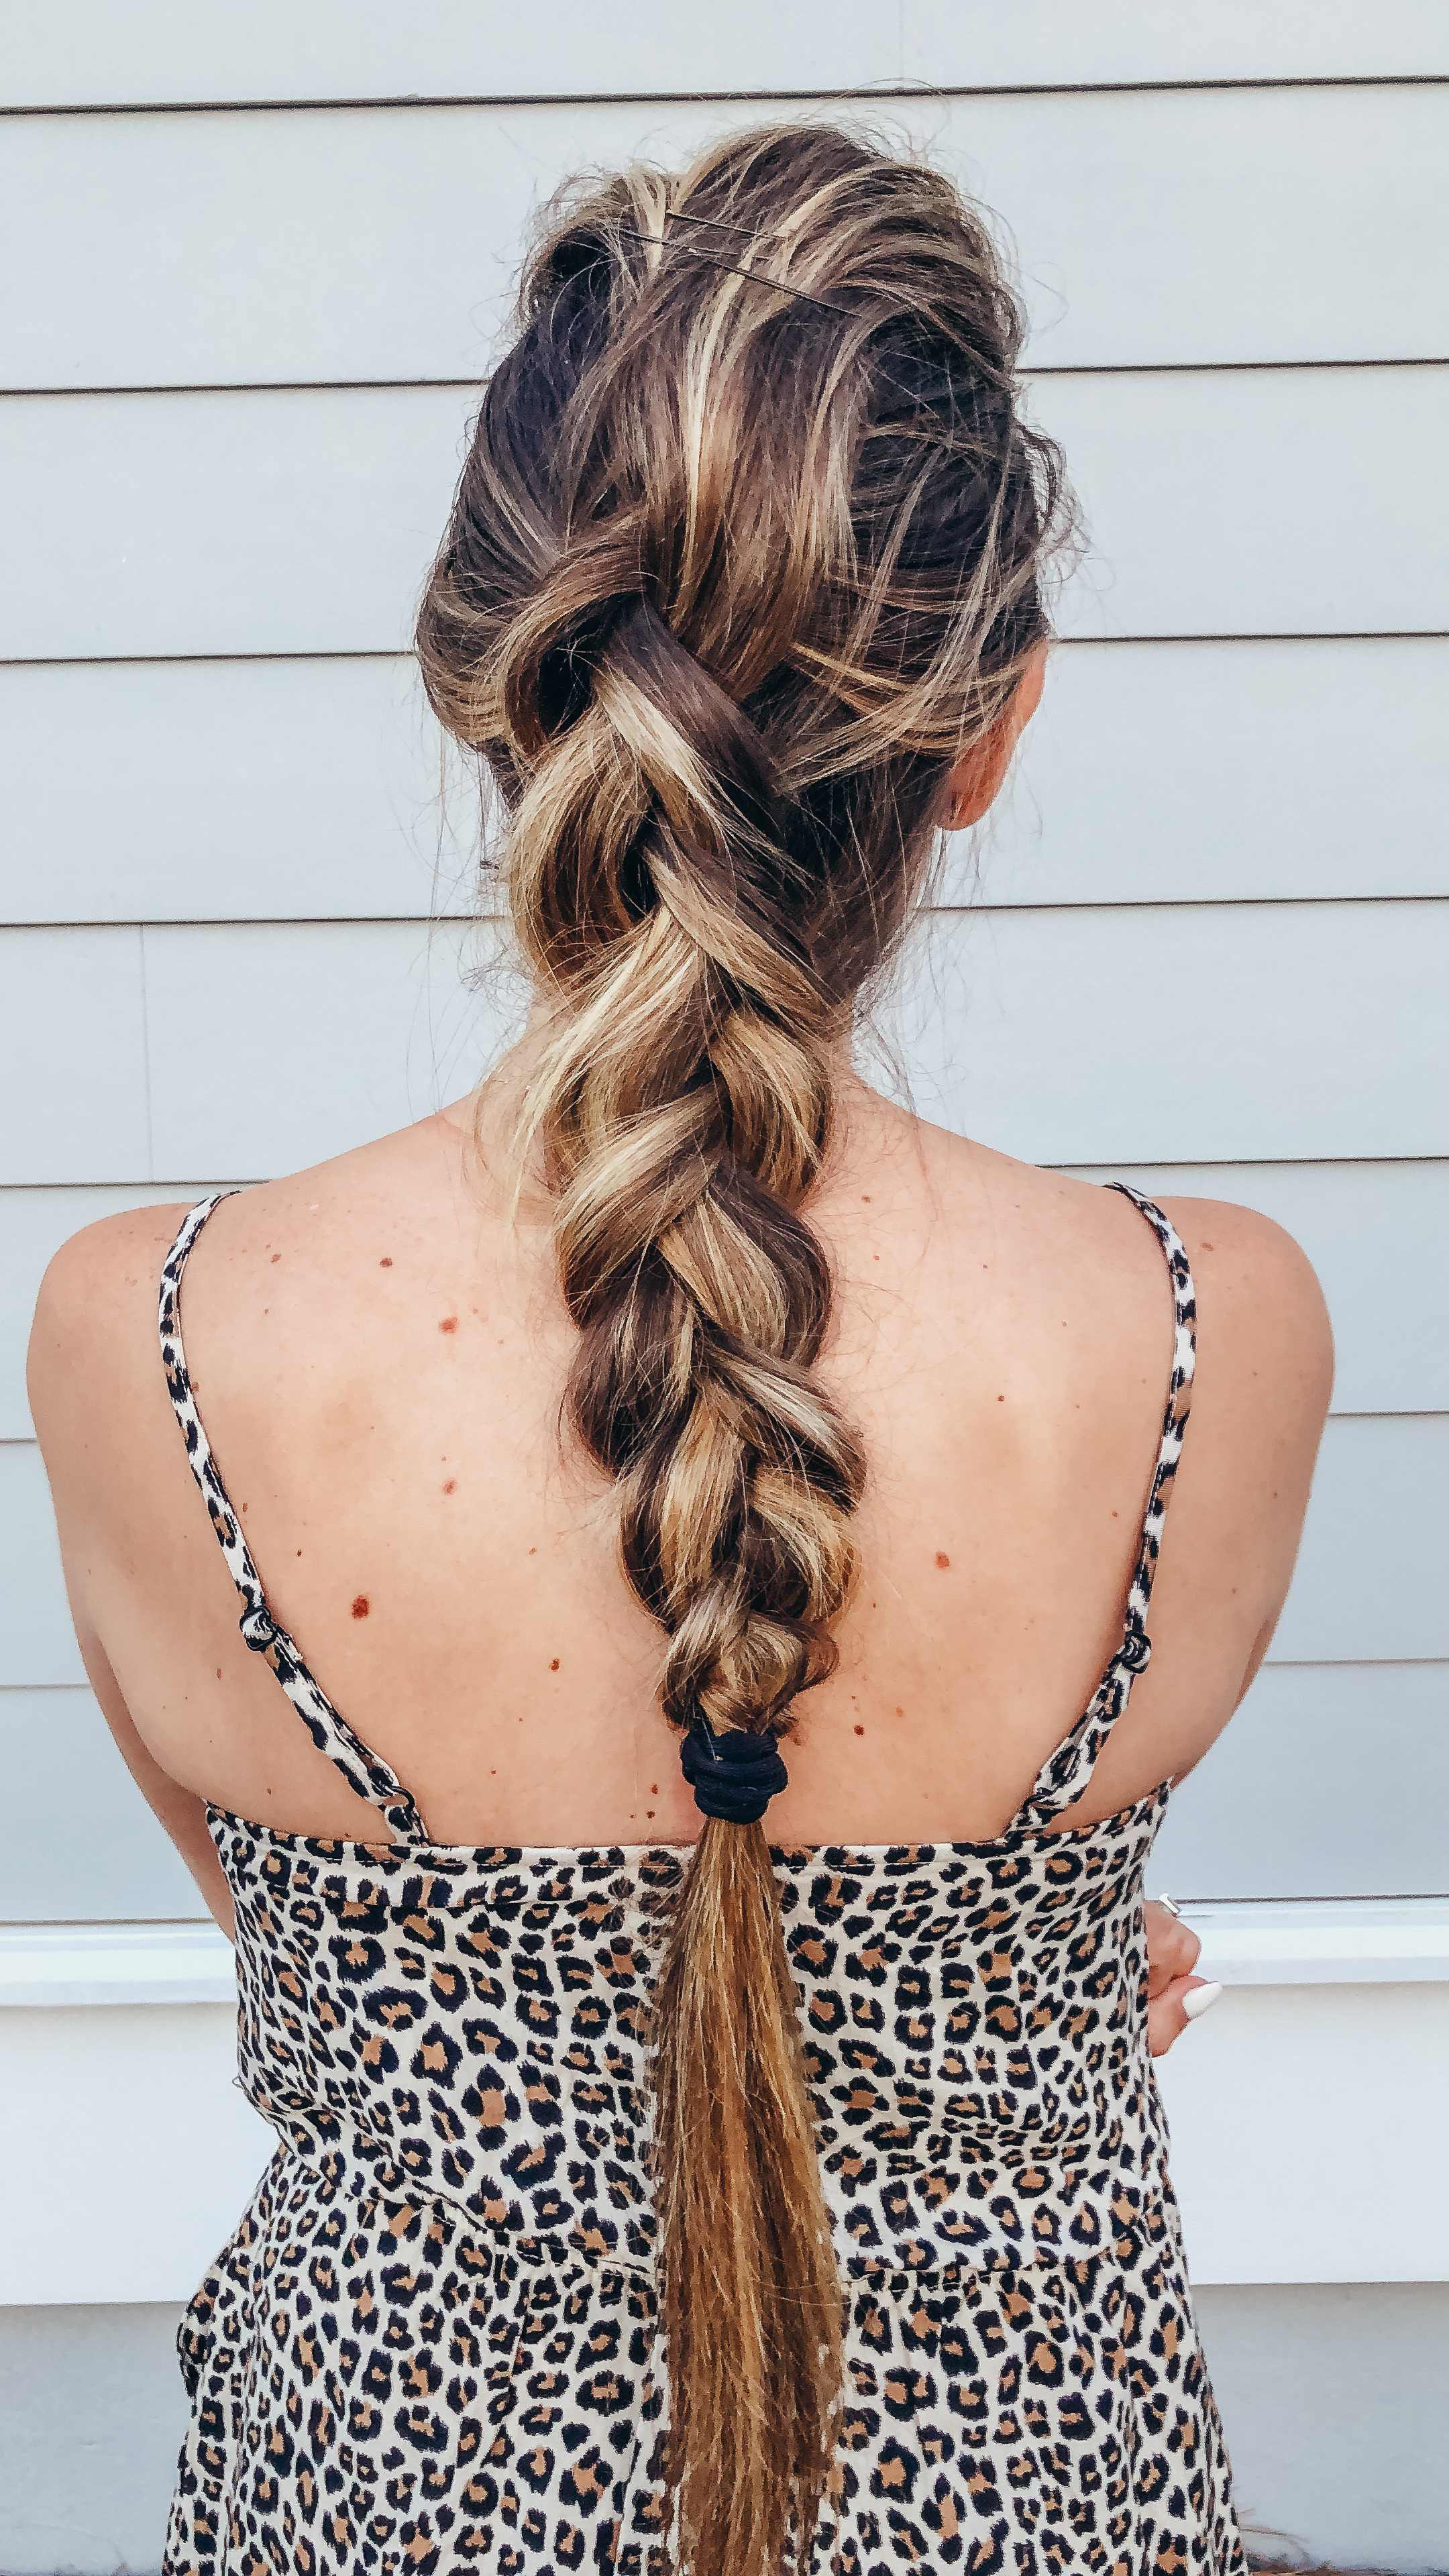 Florida beach hair